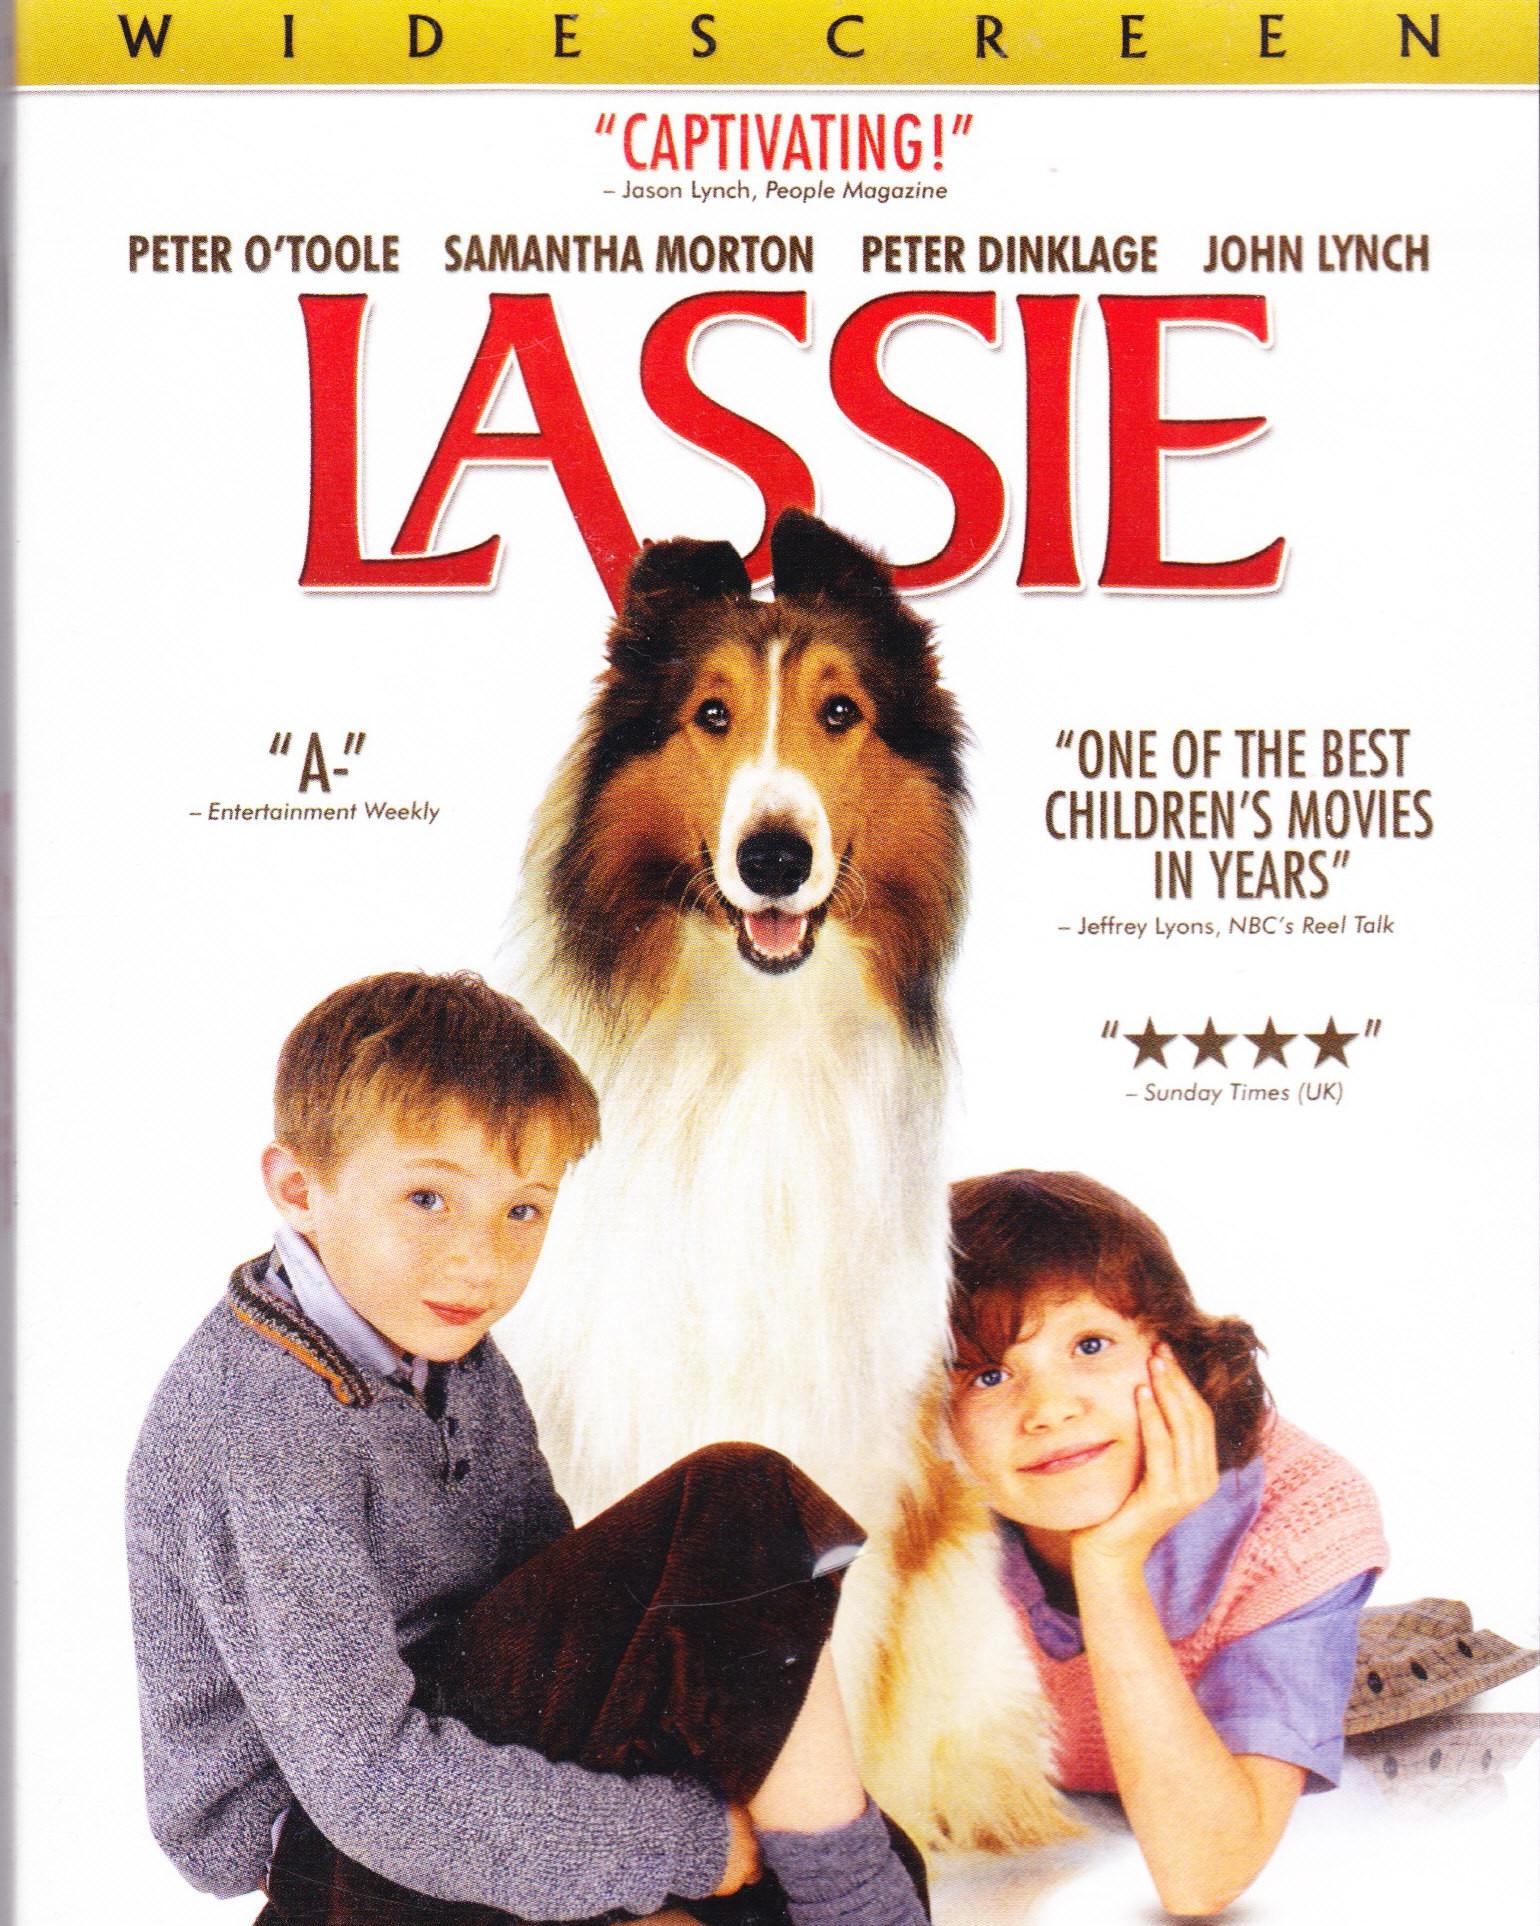 lassie_2005